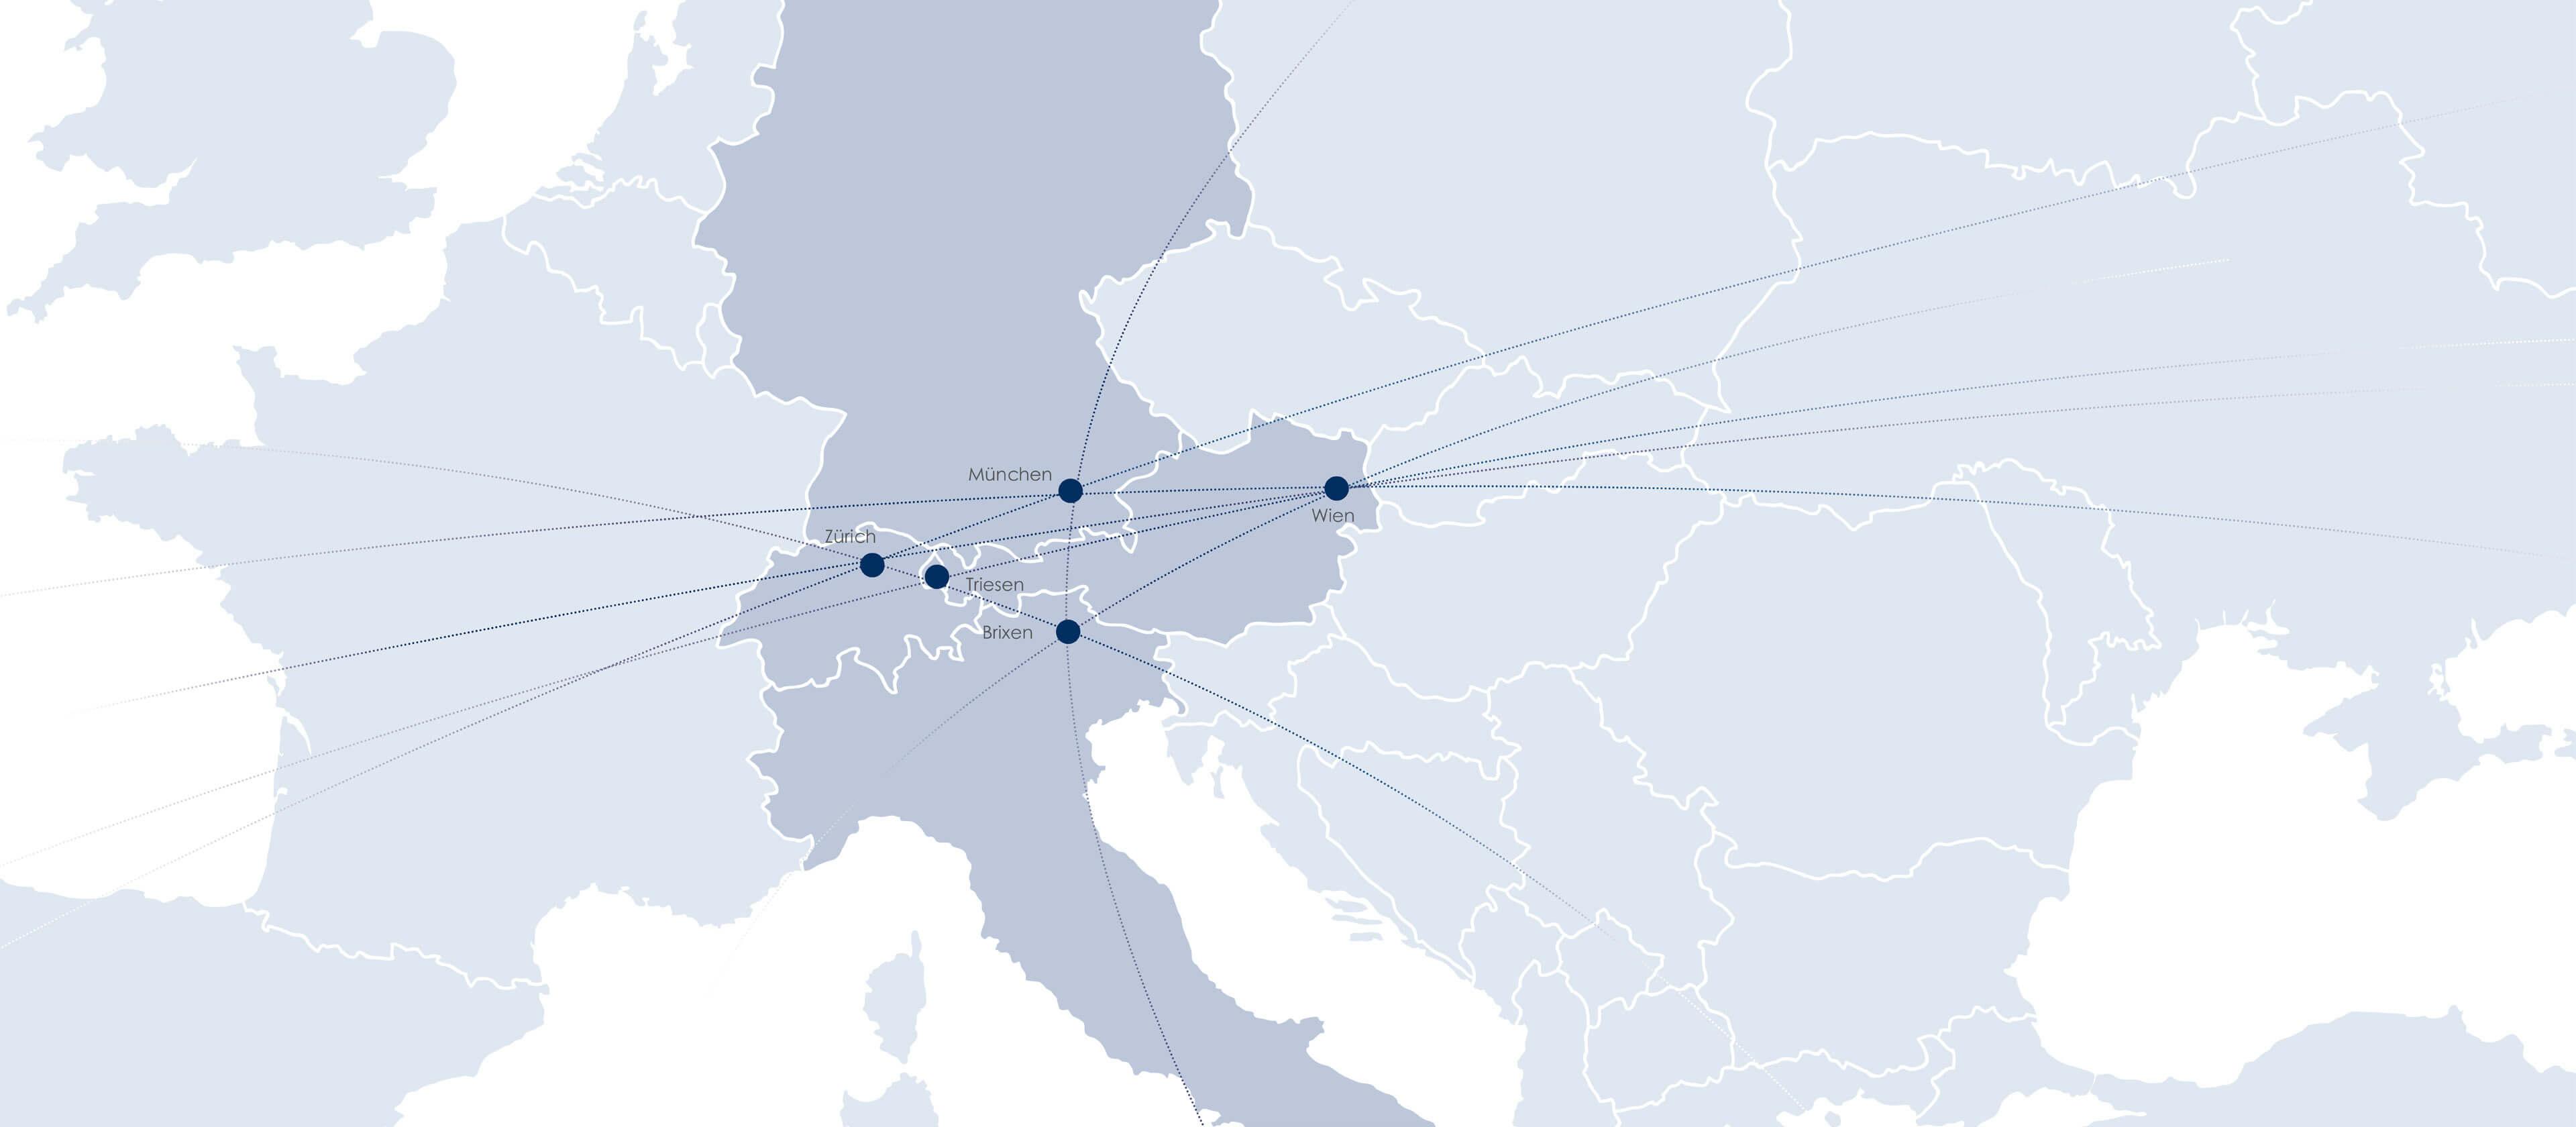 Landkarte Niederlassungen von Viehbacher